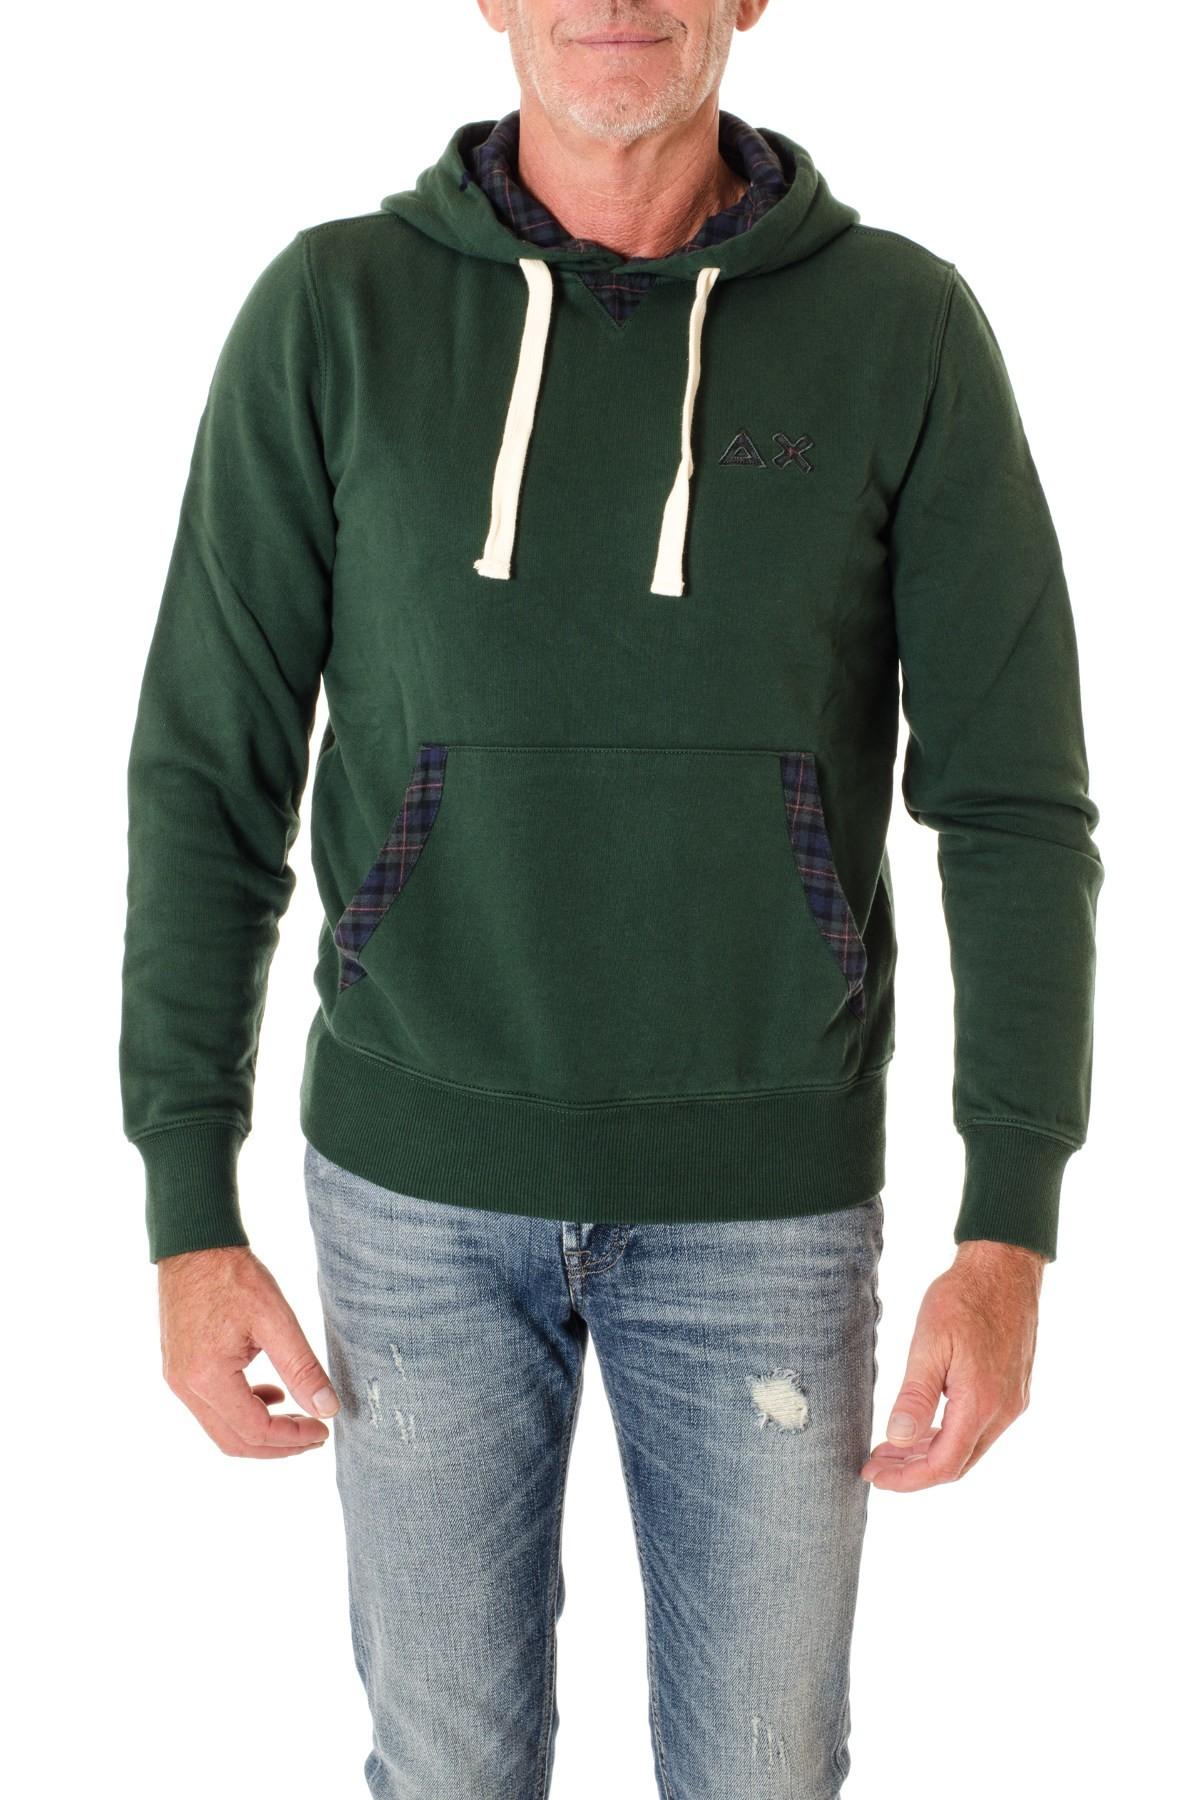 Uomo 16 Per Verde 17 Colore Di Ai Sun68 Felpa Cappuccio Con v80nmNOw